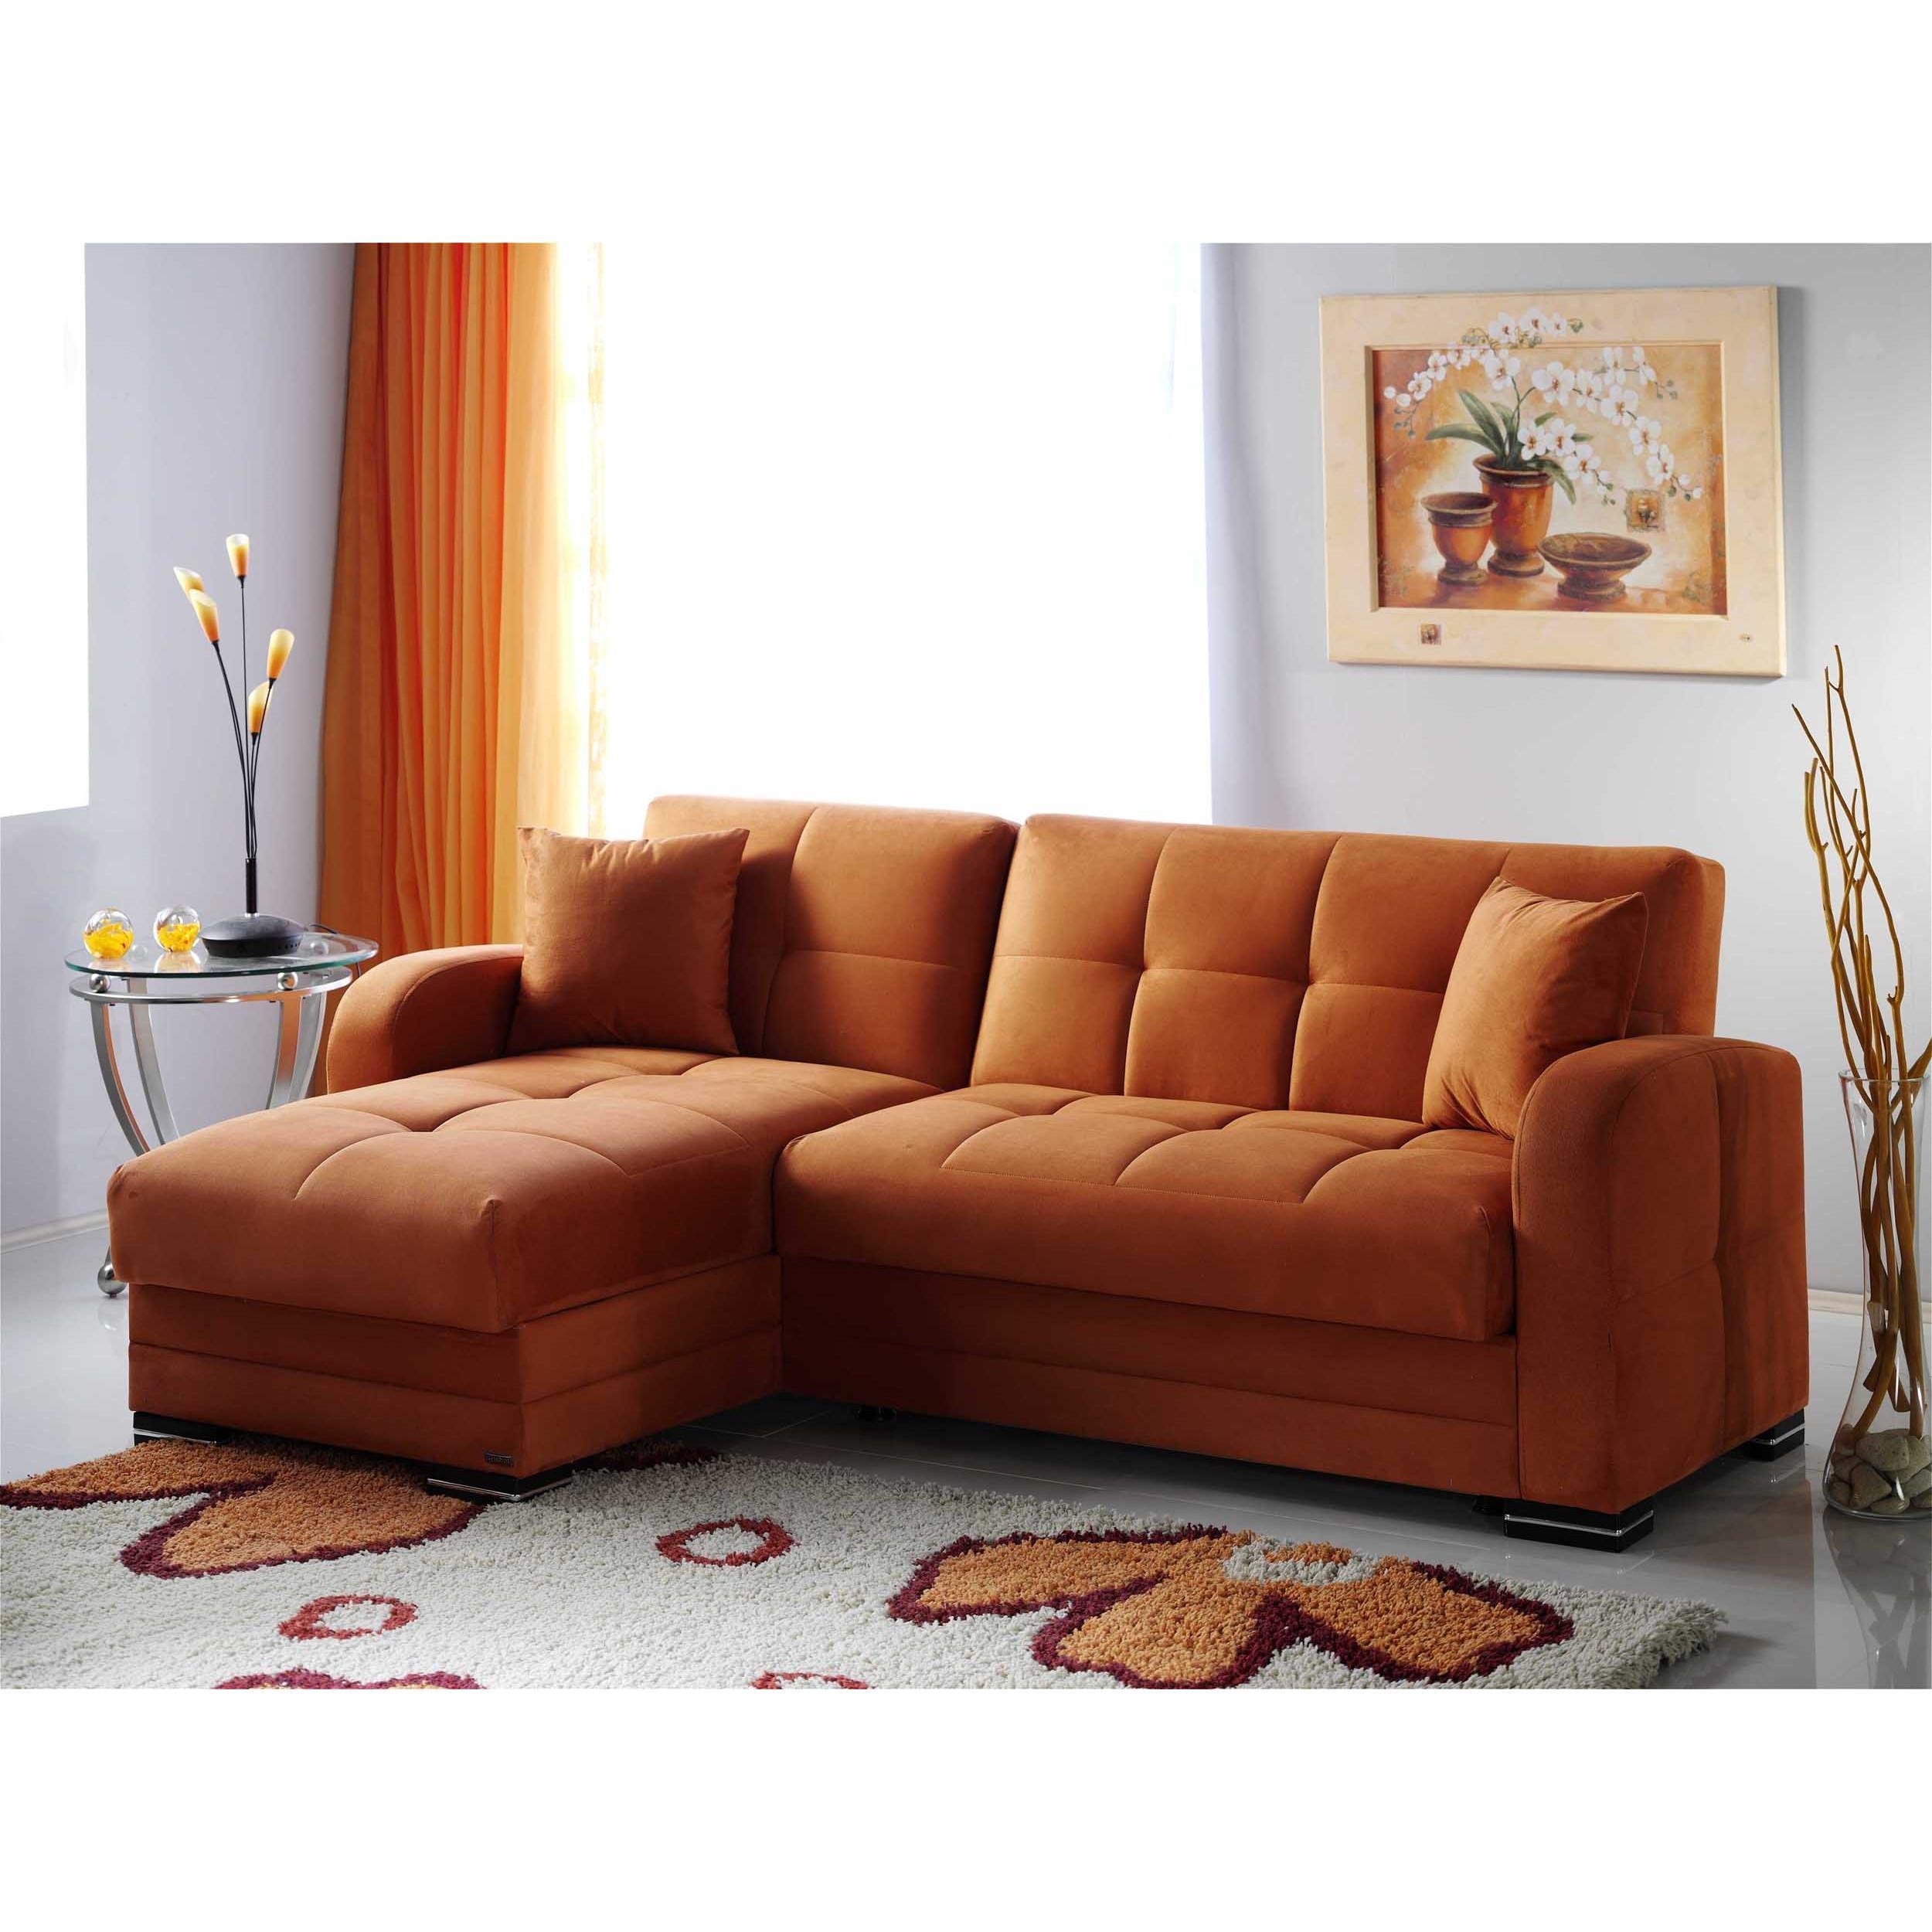 Kubo Rainbow Orange Sectional Sofasunset Inside Orange Sectional Sofa (View 8 of 20)